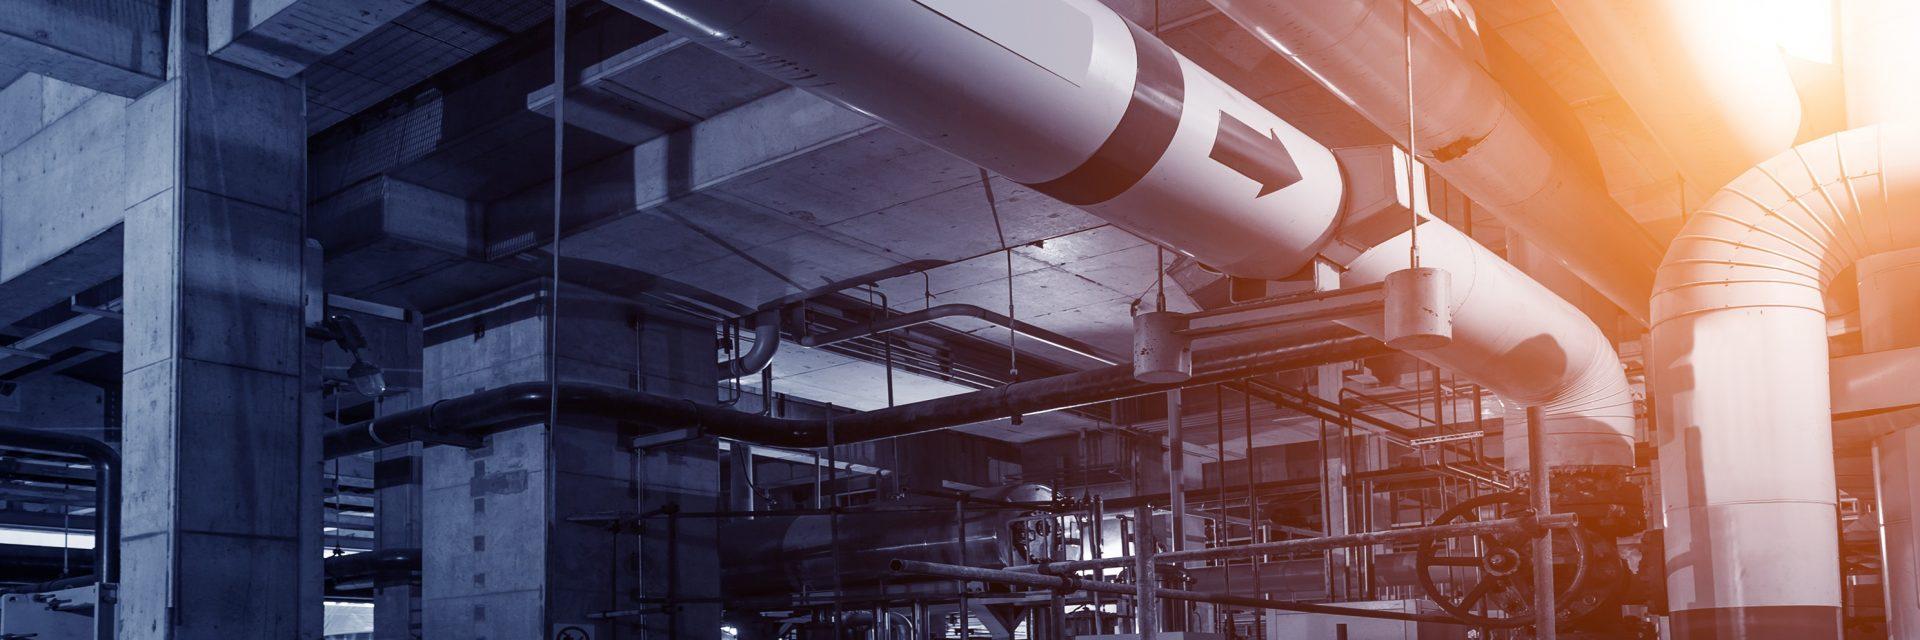 shutterstock_234142840 boiler rs